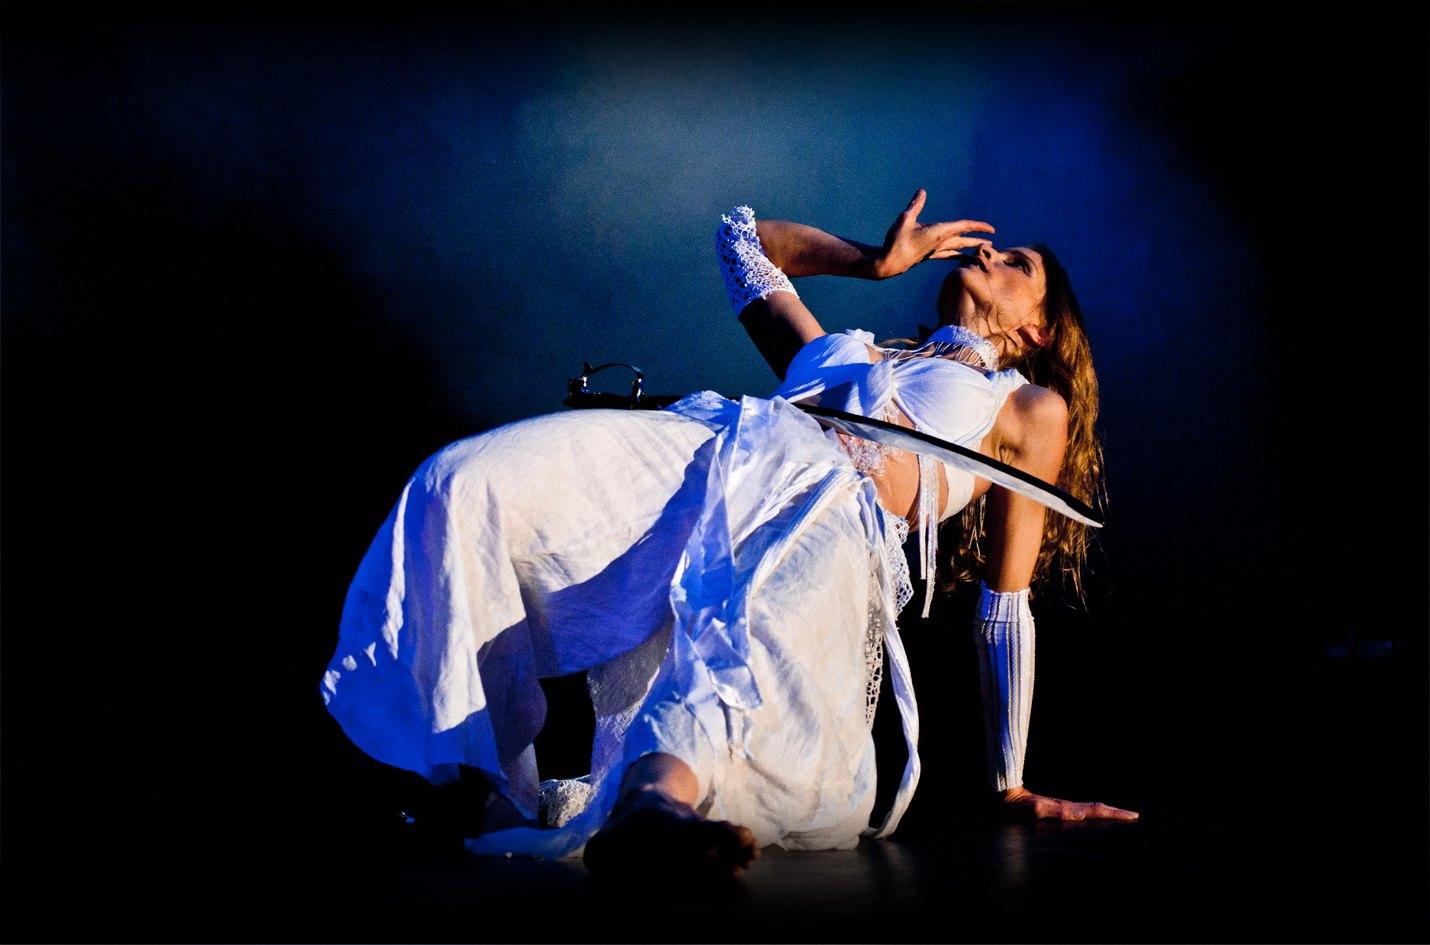 Orientalische Tänzerin balanciert Säbel auf Bauch mit weissem Kostüm